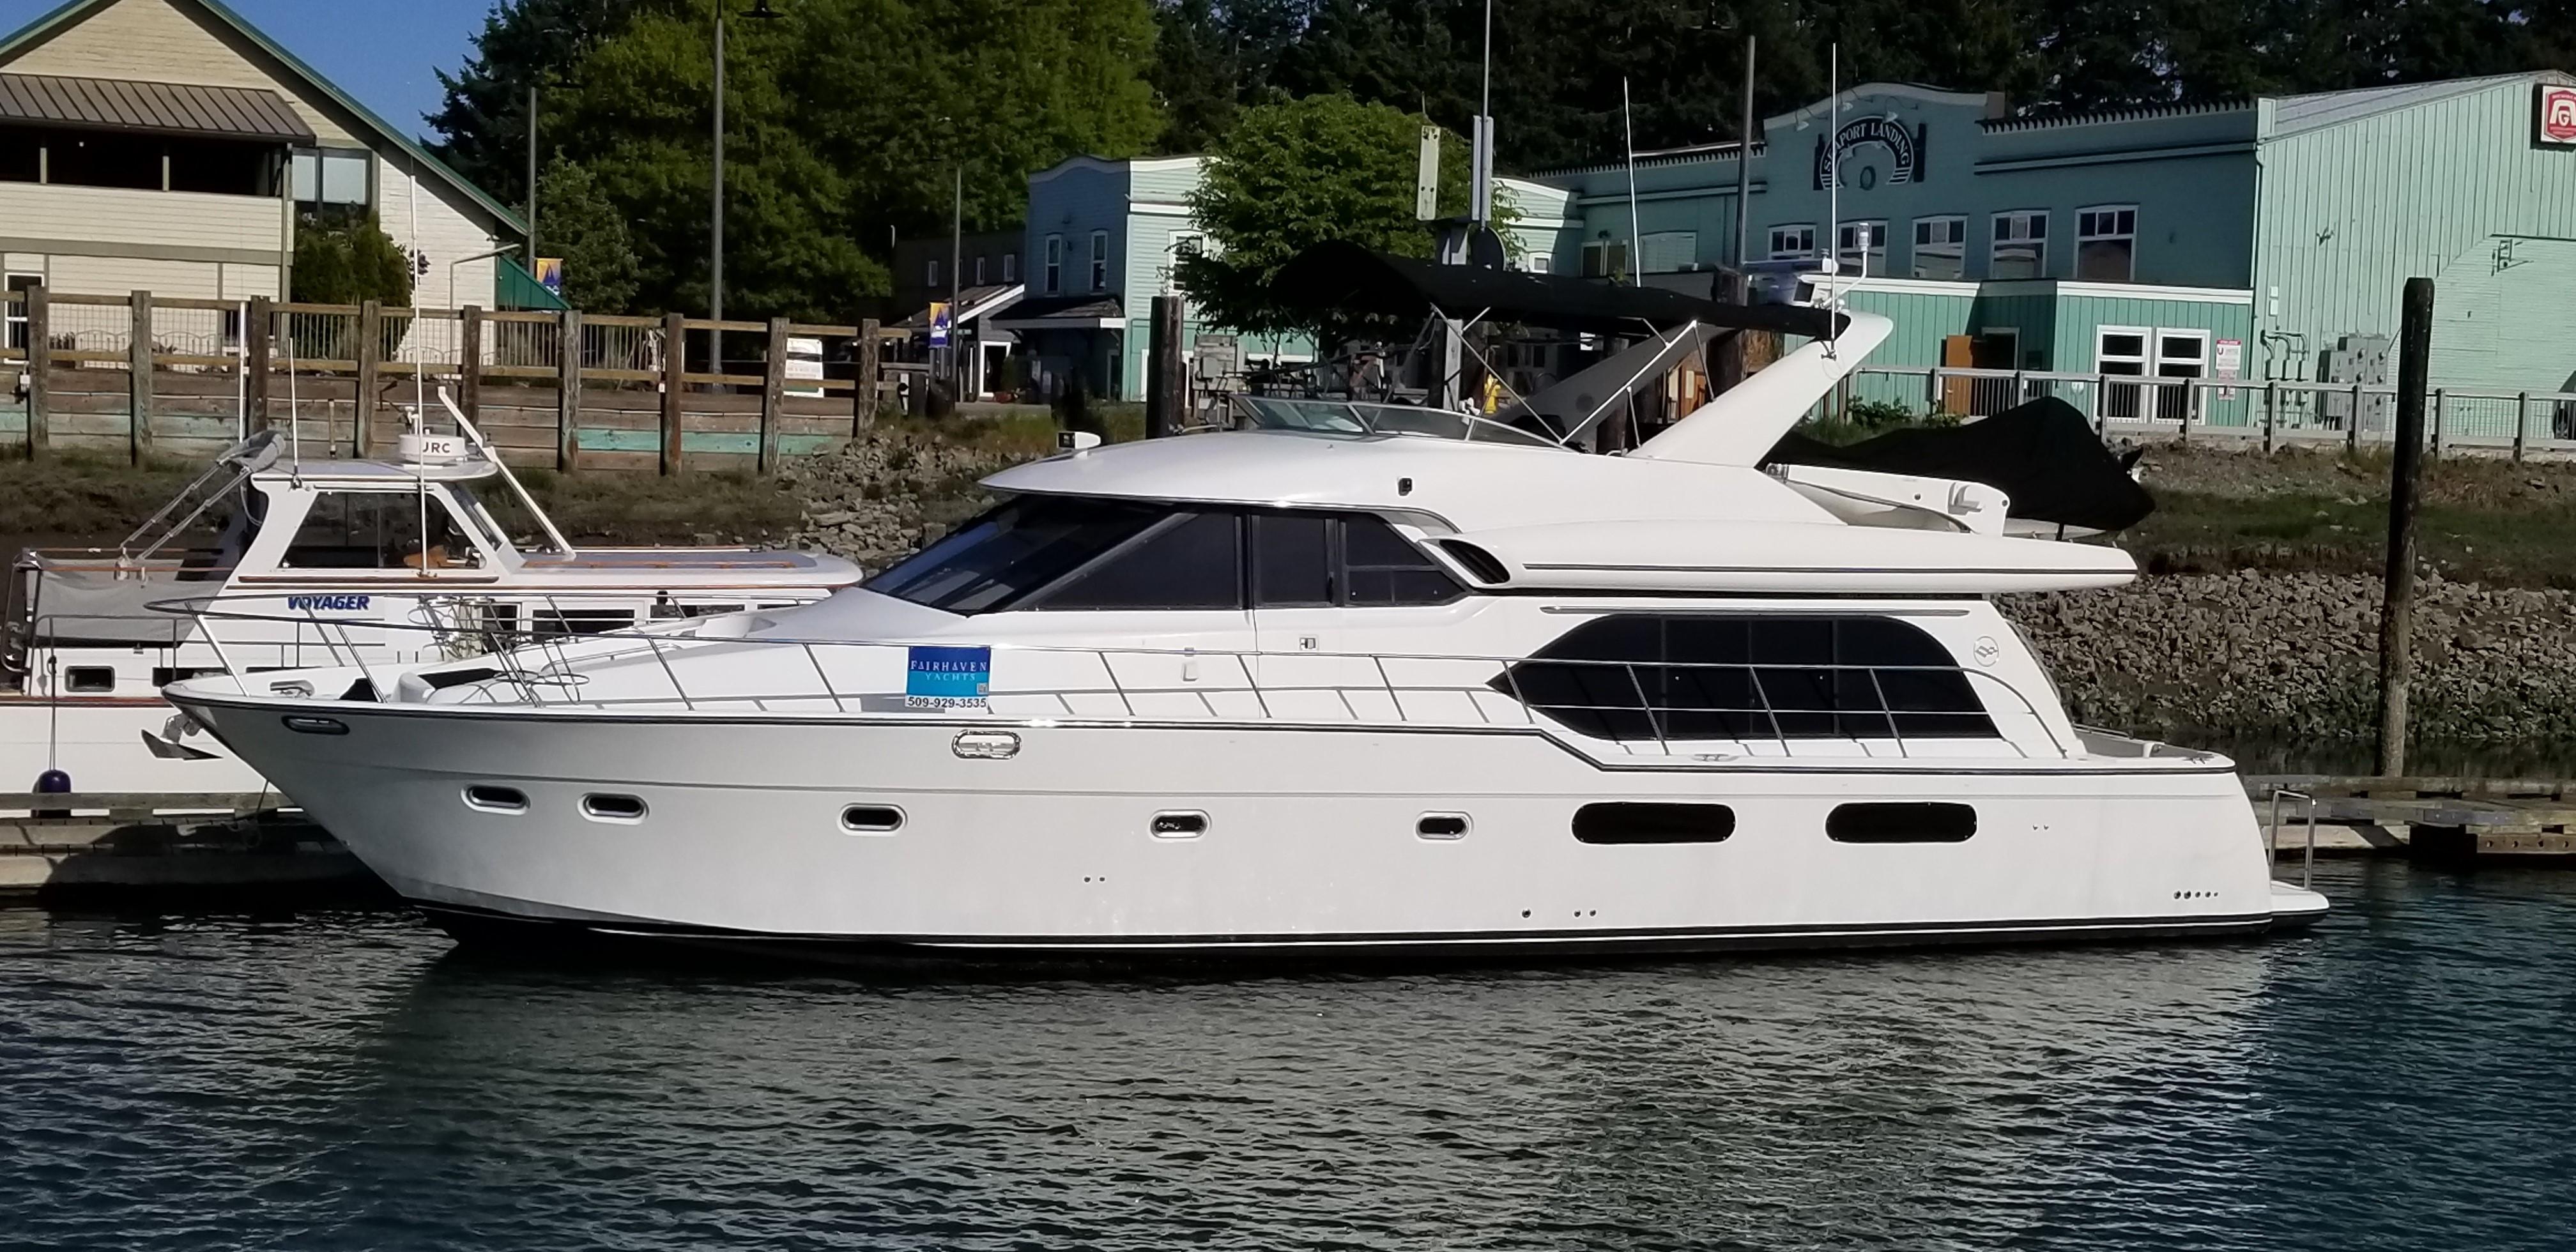 57' Bayliner 2000